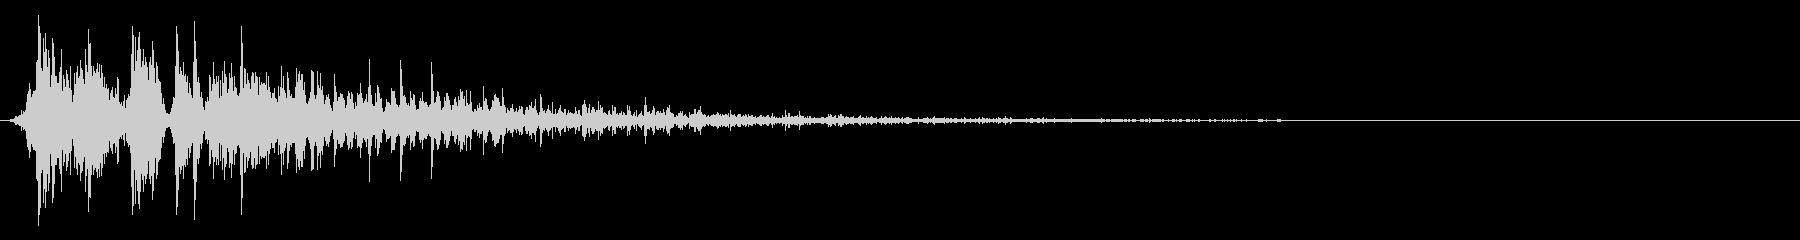 ソフトデジタルスプレーヒットの未再生の波形